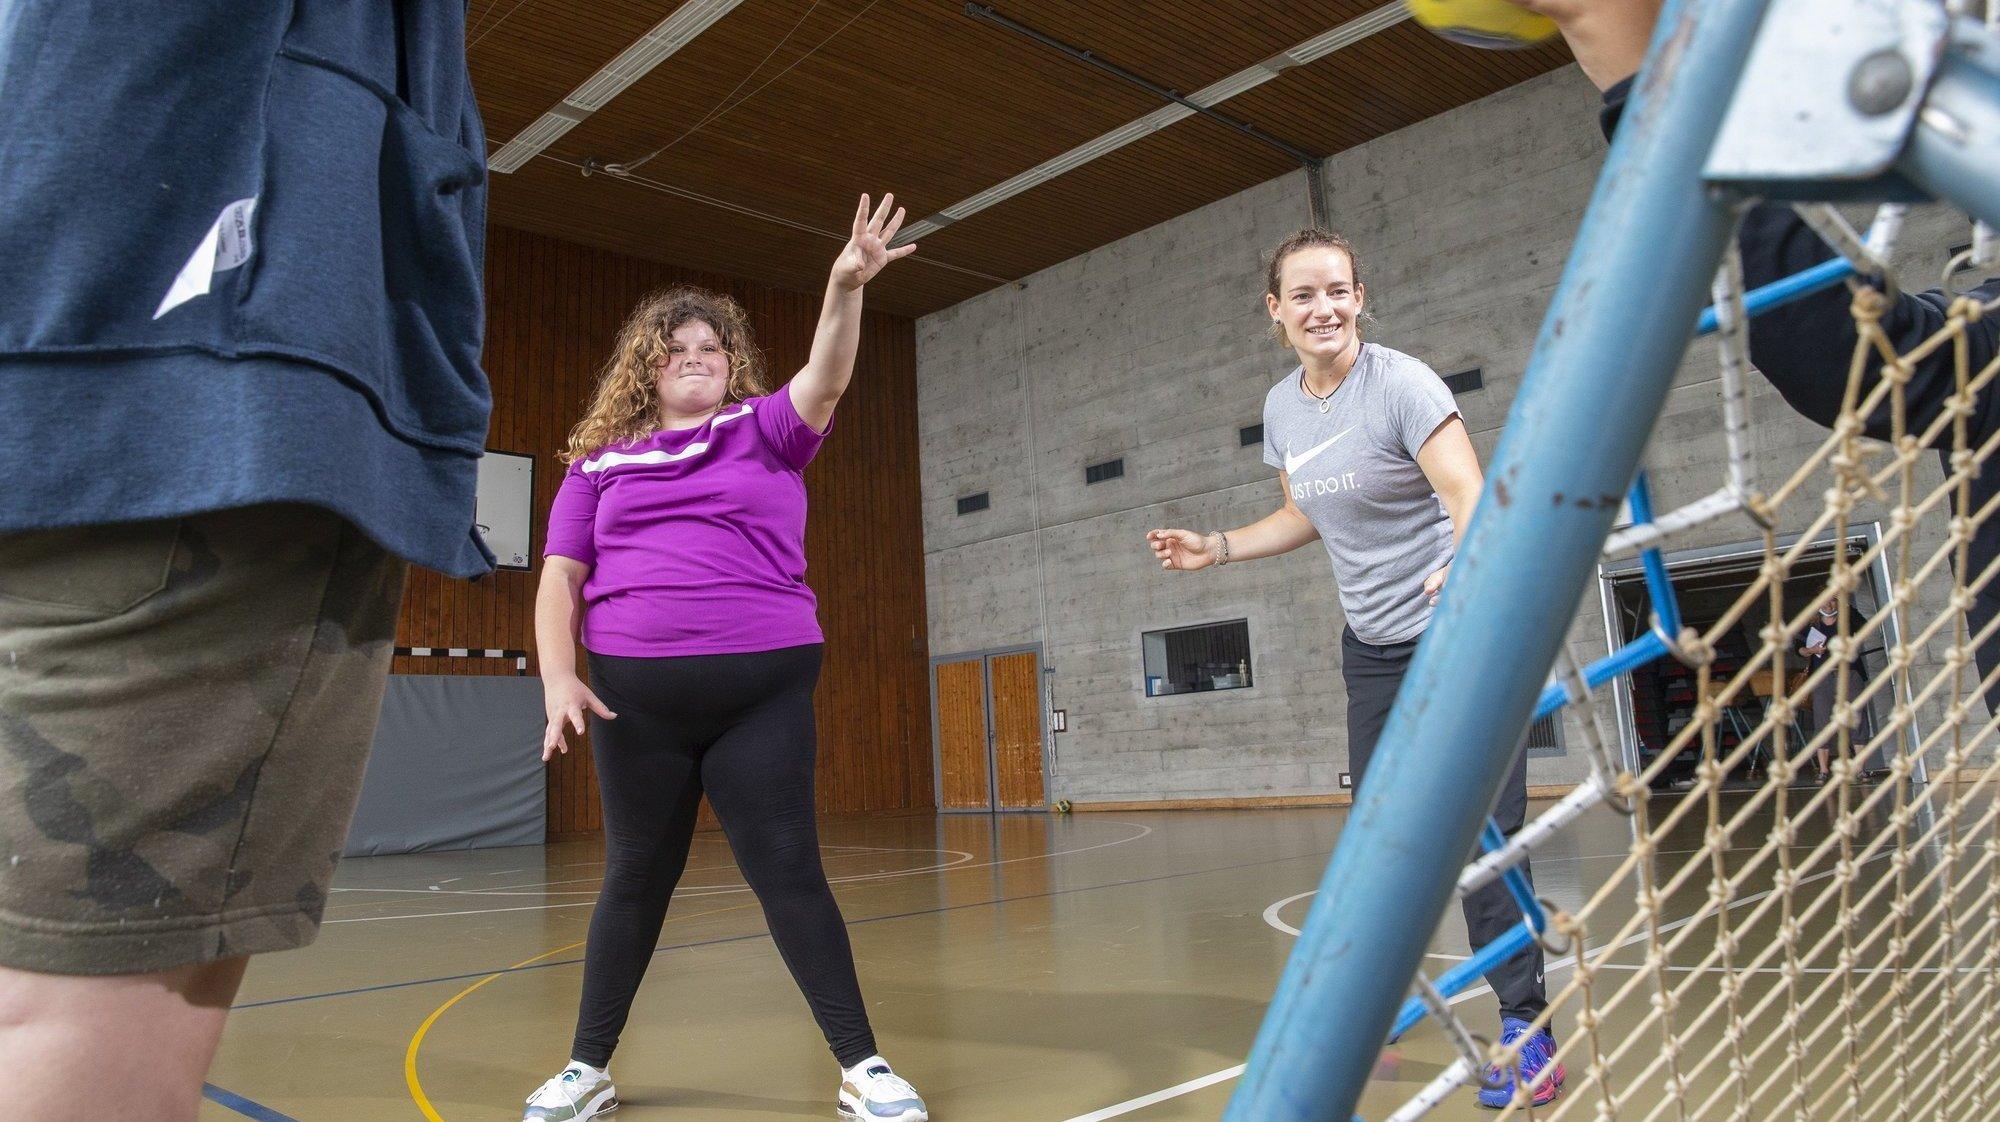 Des jeunes Neuchâtelois luttent contre l'obésité, coachés par la Croix-Rouge